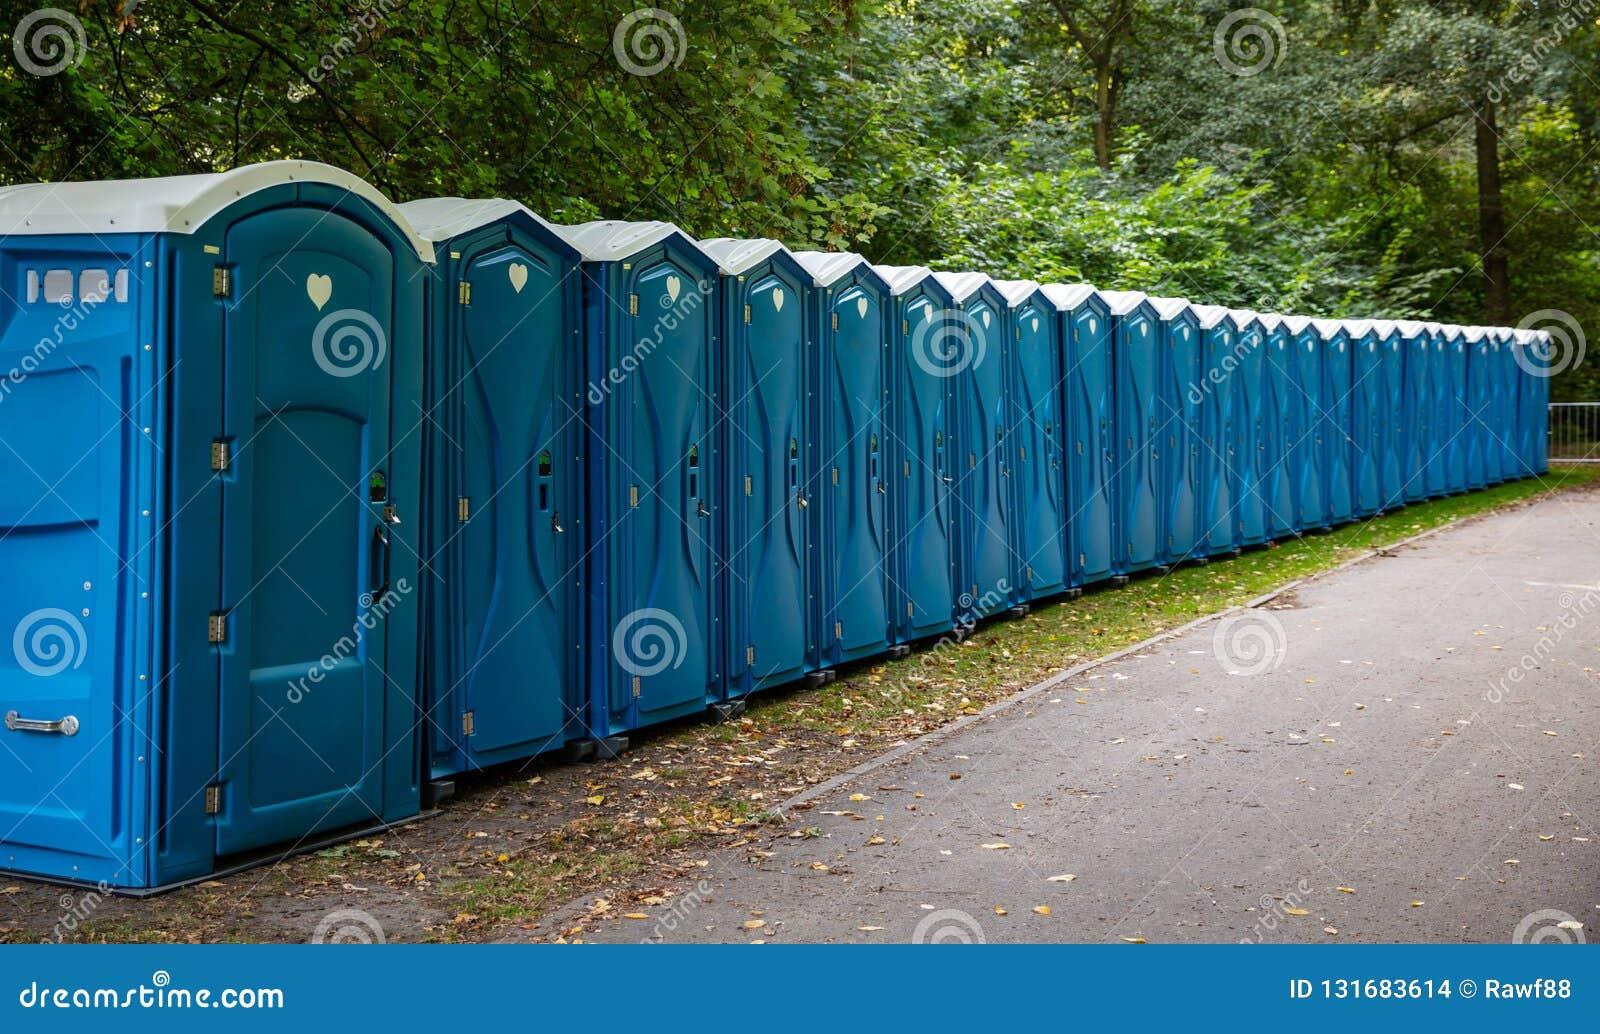 Cabine portatili del WC nel parco Una linea di toilette chimiche per un festival, contro una foresta